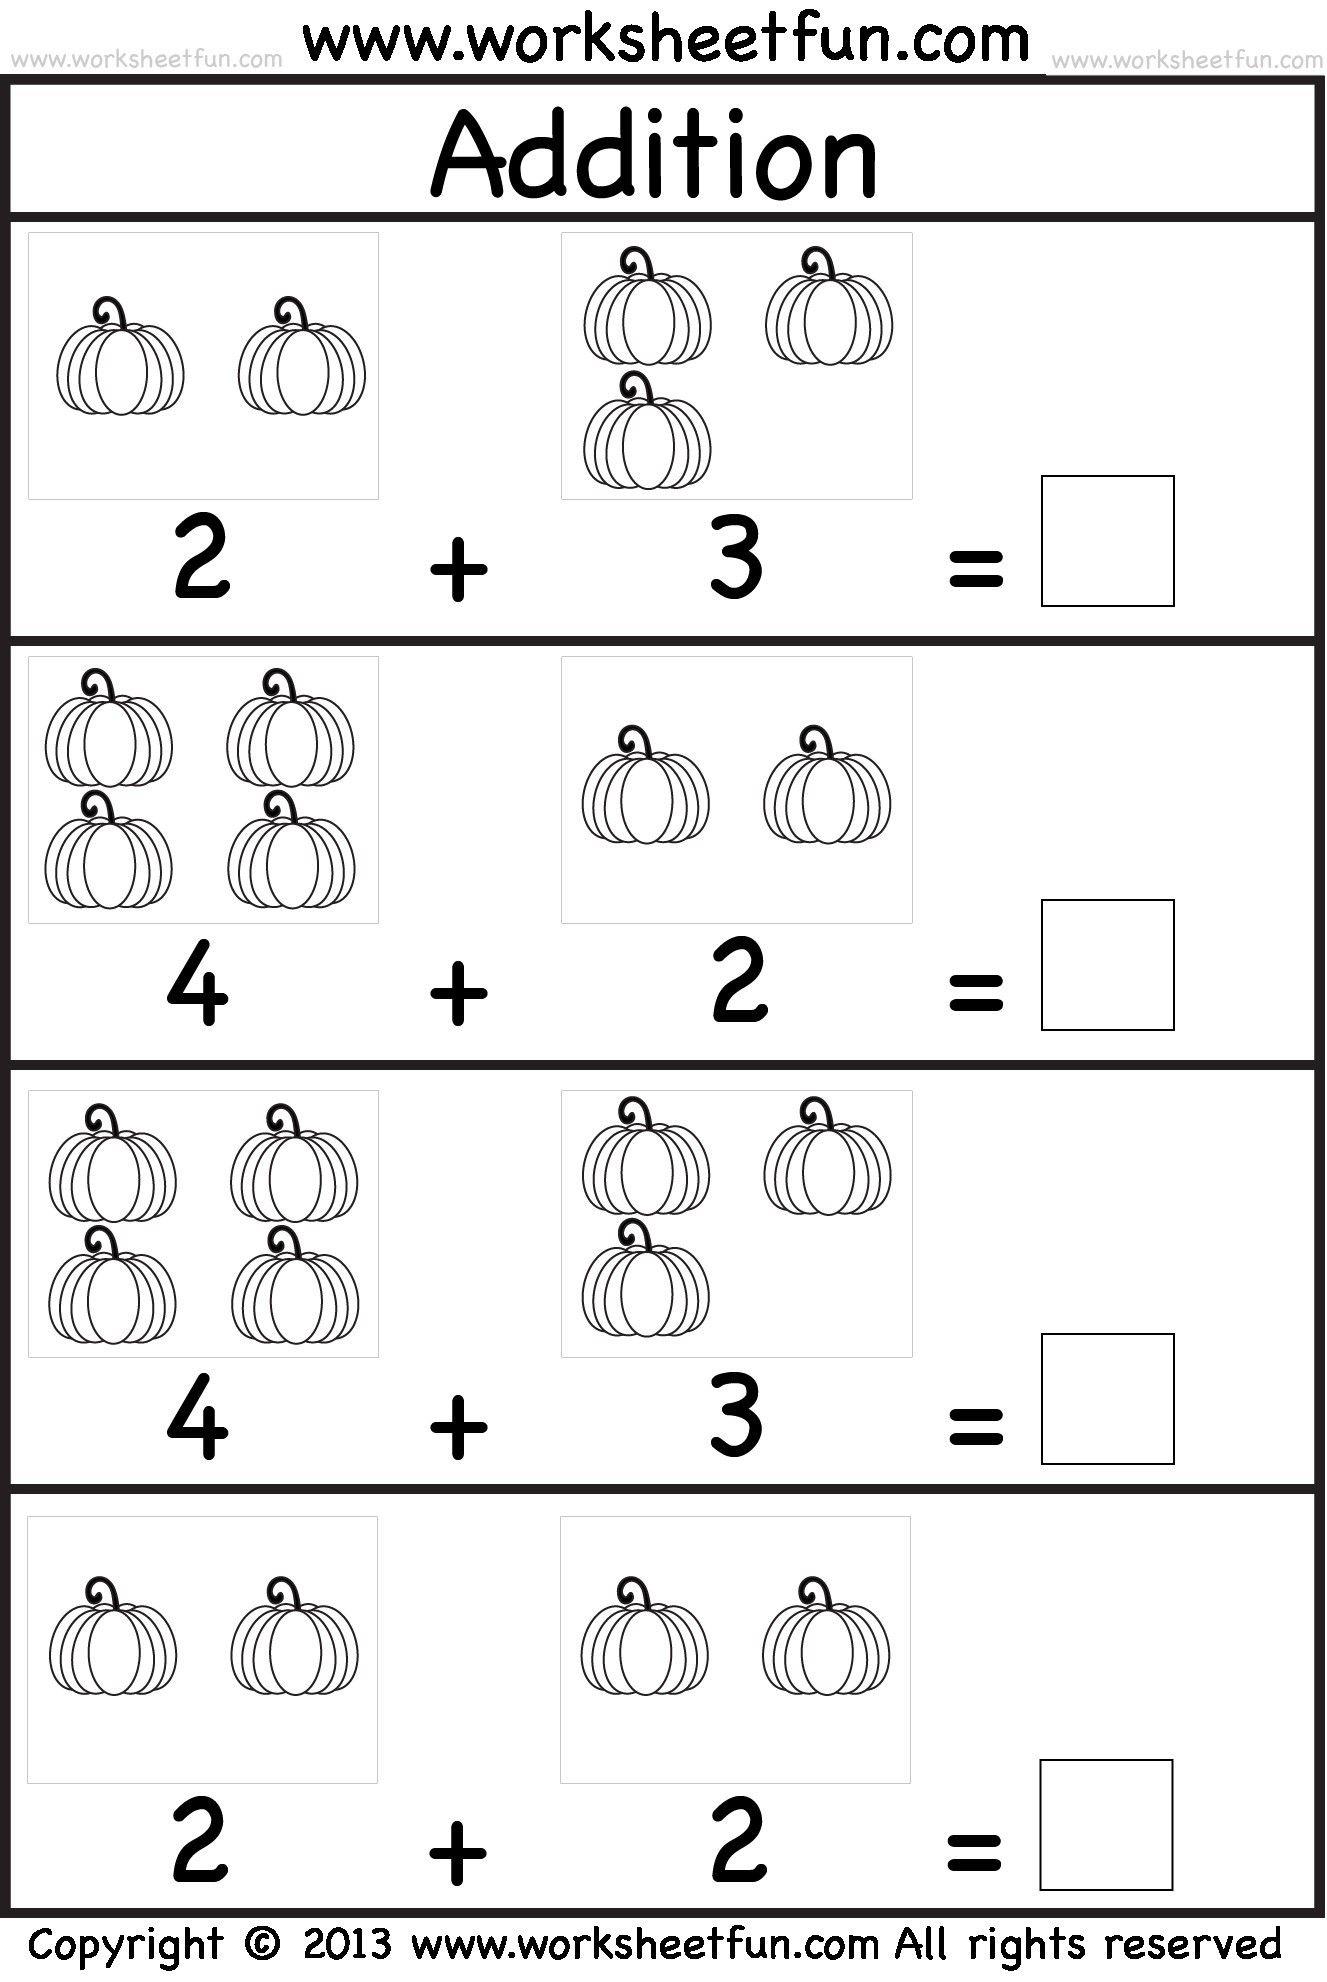 Number Bonds Rainbow Worksheet Valid Number Bond Dash Worksheet New - Free Printable Number Bonds Worksheets For Kindergarten